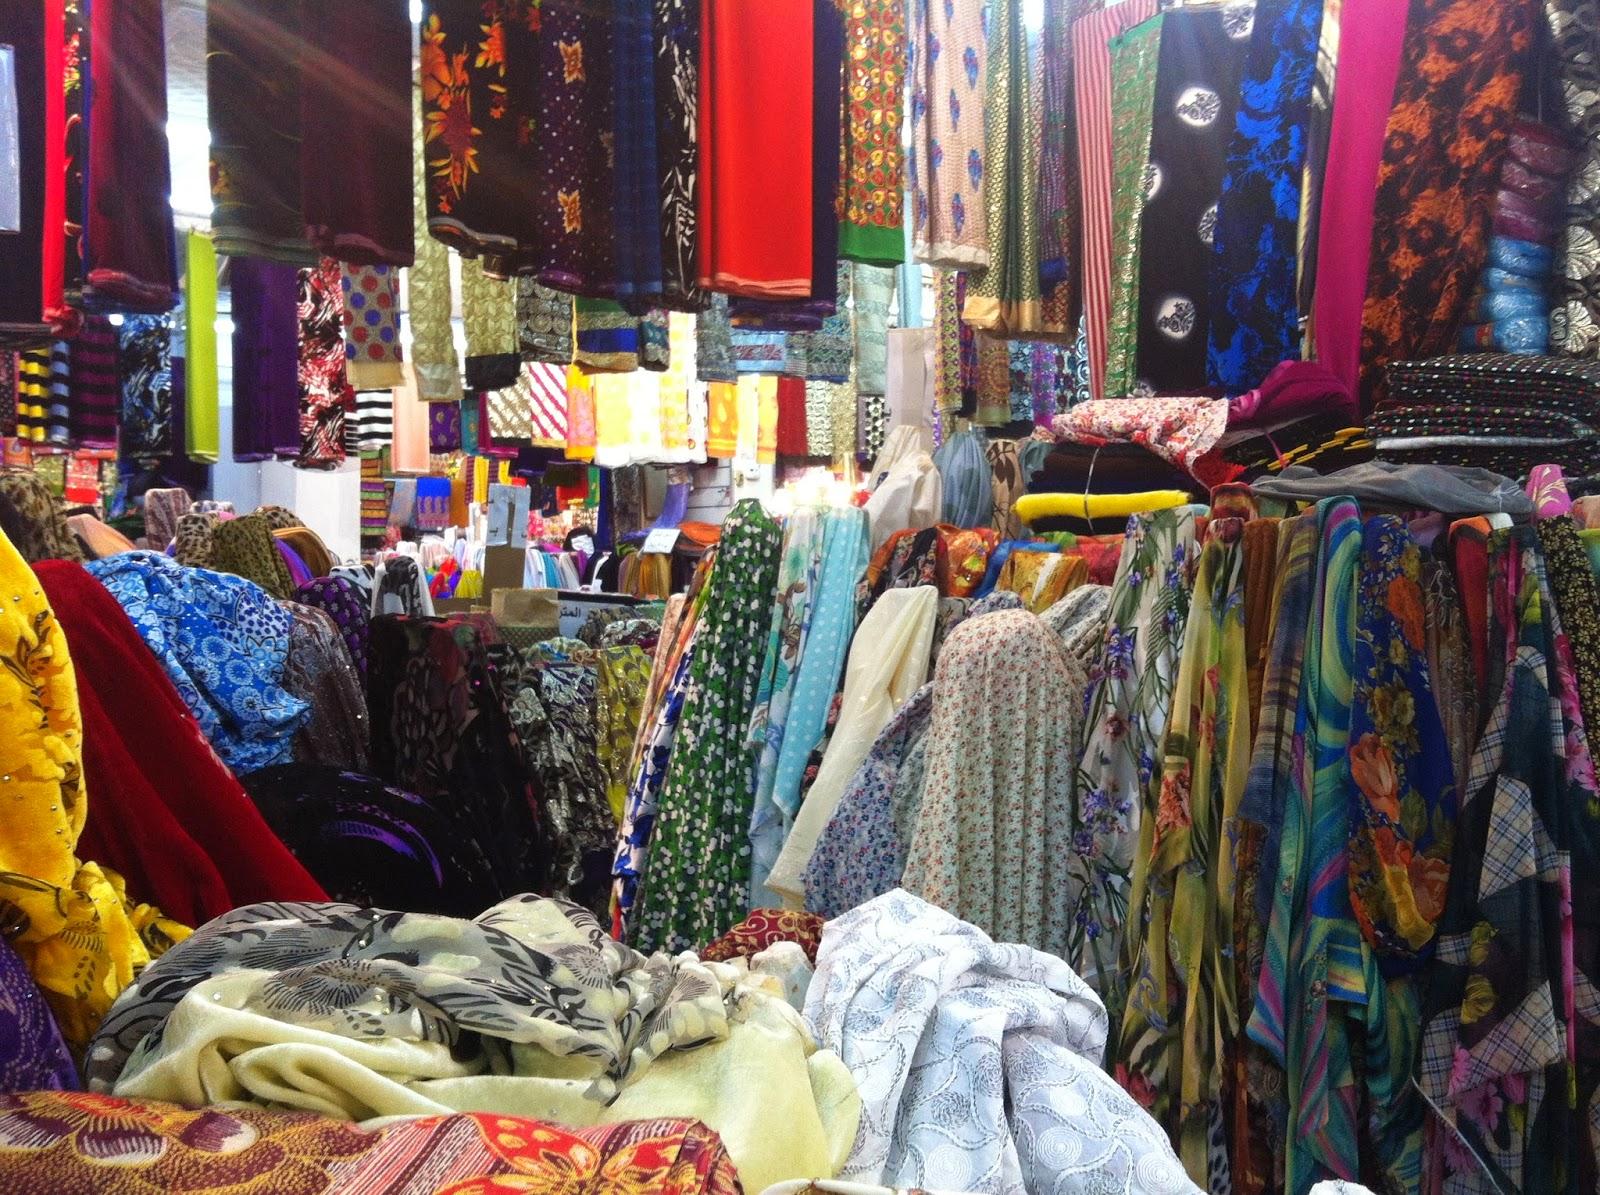 مطار سنوات المراهقة كنبة محل يبيع اقمشة جينز في الرياض Loudounhorseassociation Org